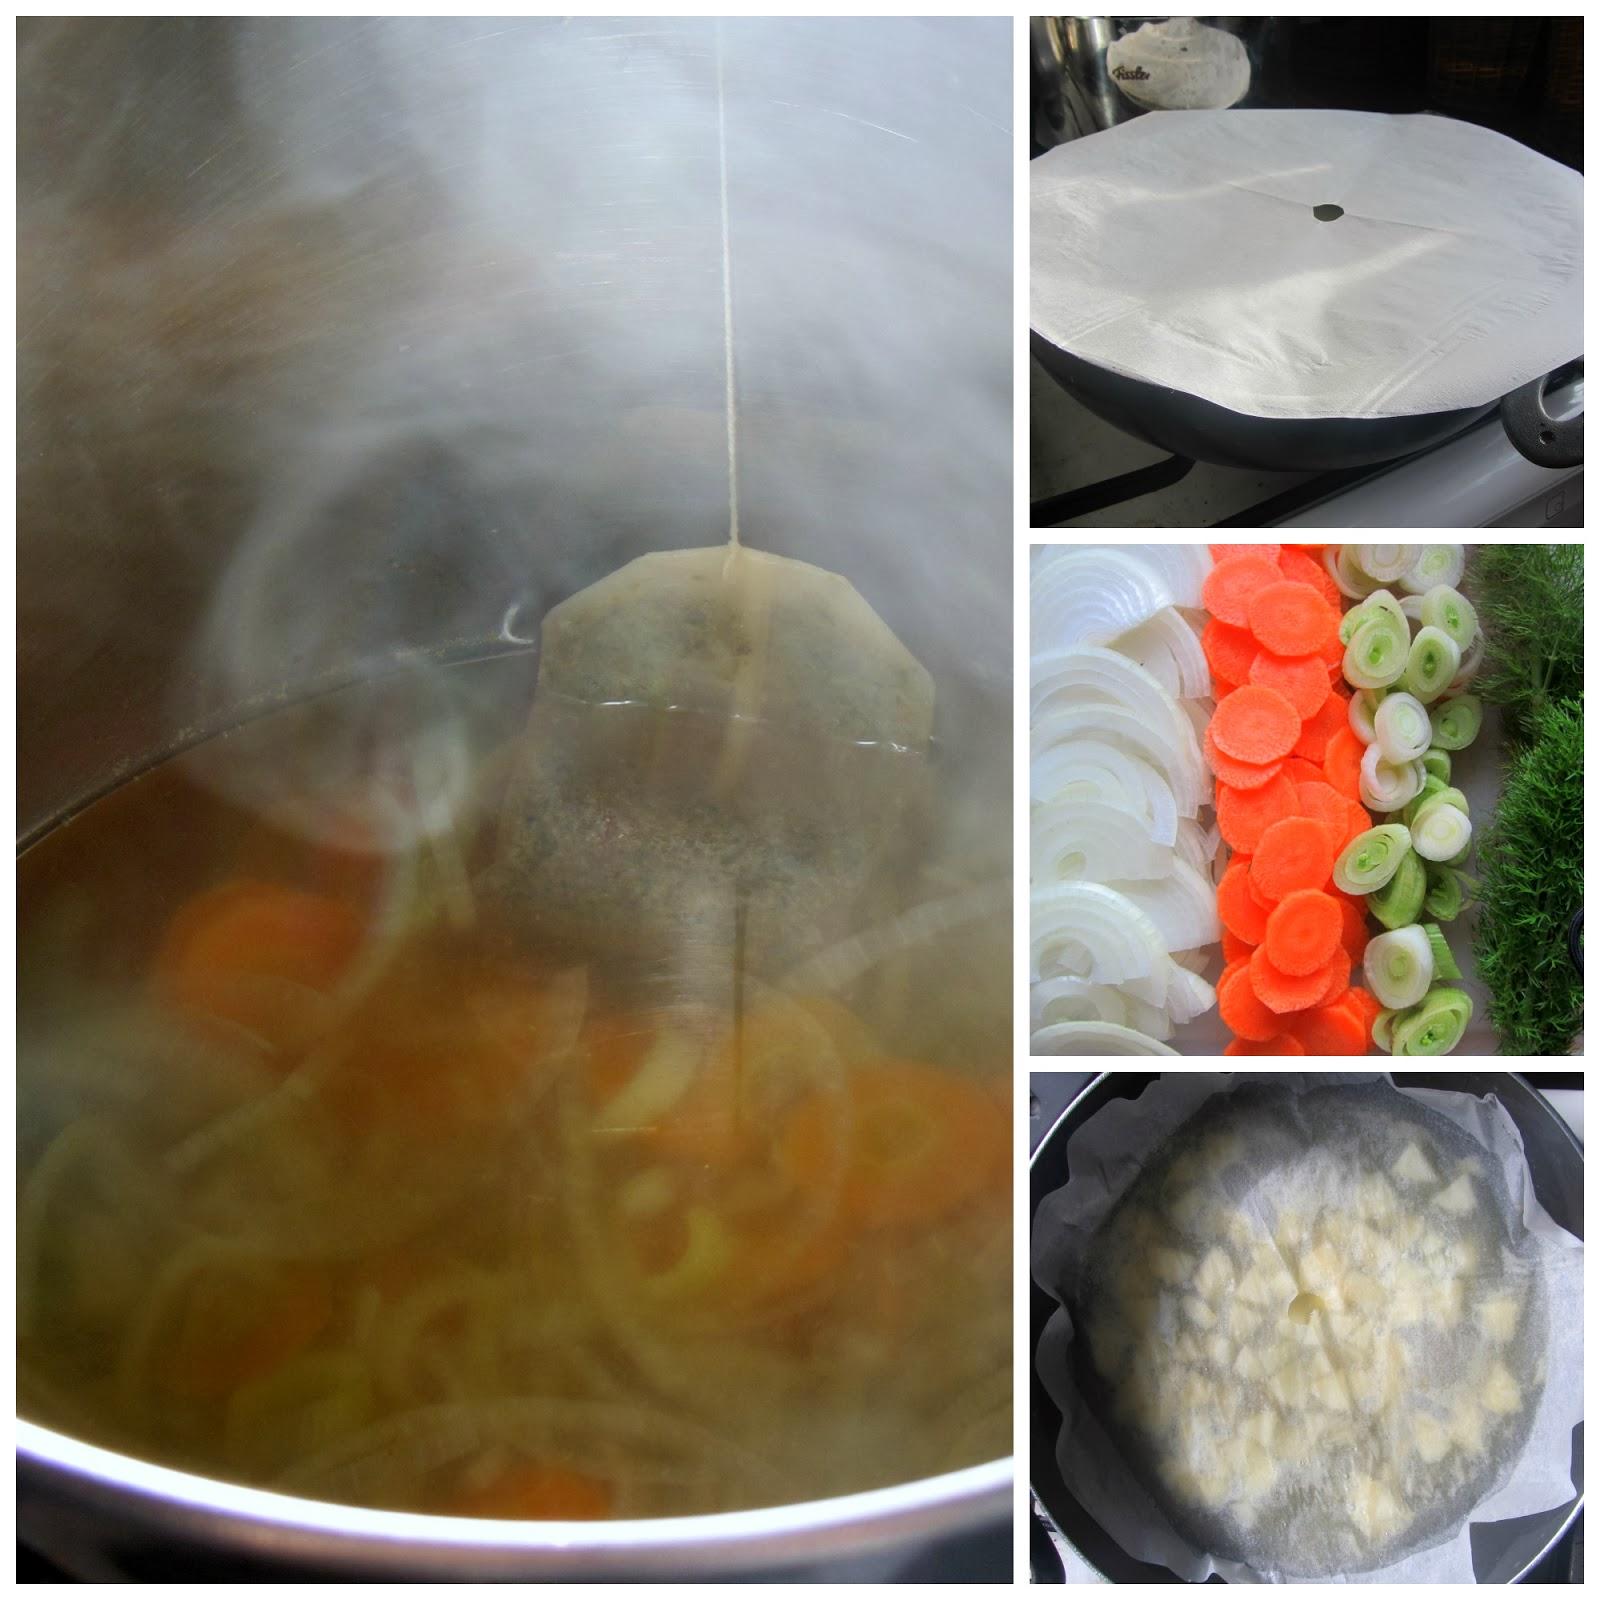 Pulire tutte le verdure cipolla carota sedano poco finocchio ed una pera Tagliare delle stesse dimensioni mettere in pentola e cuocere per qualche